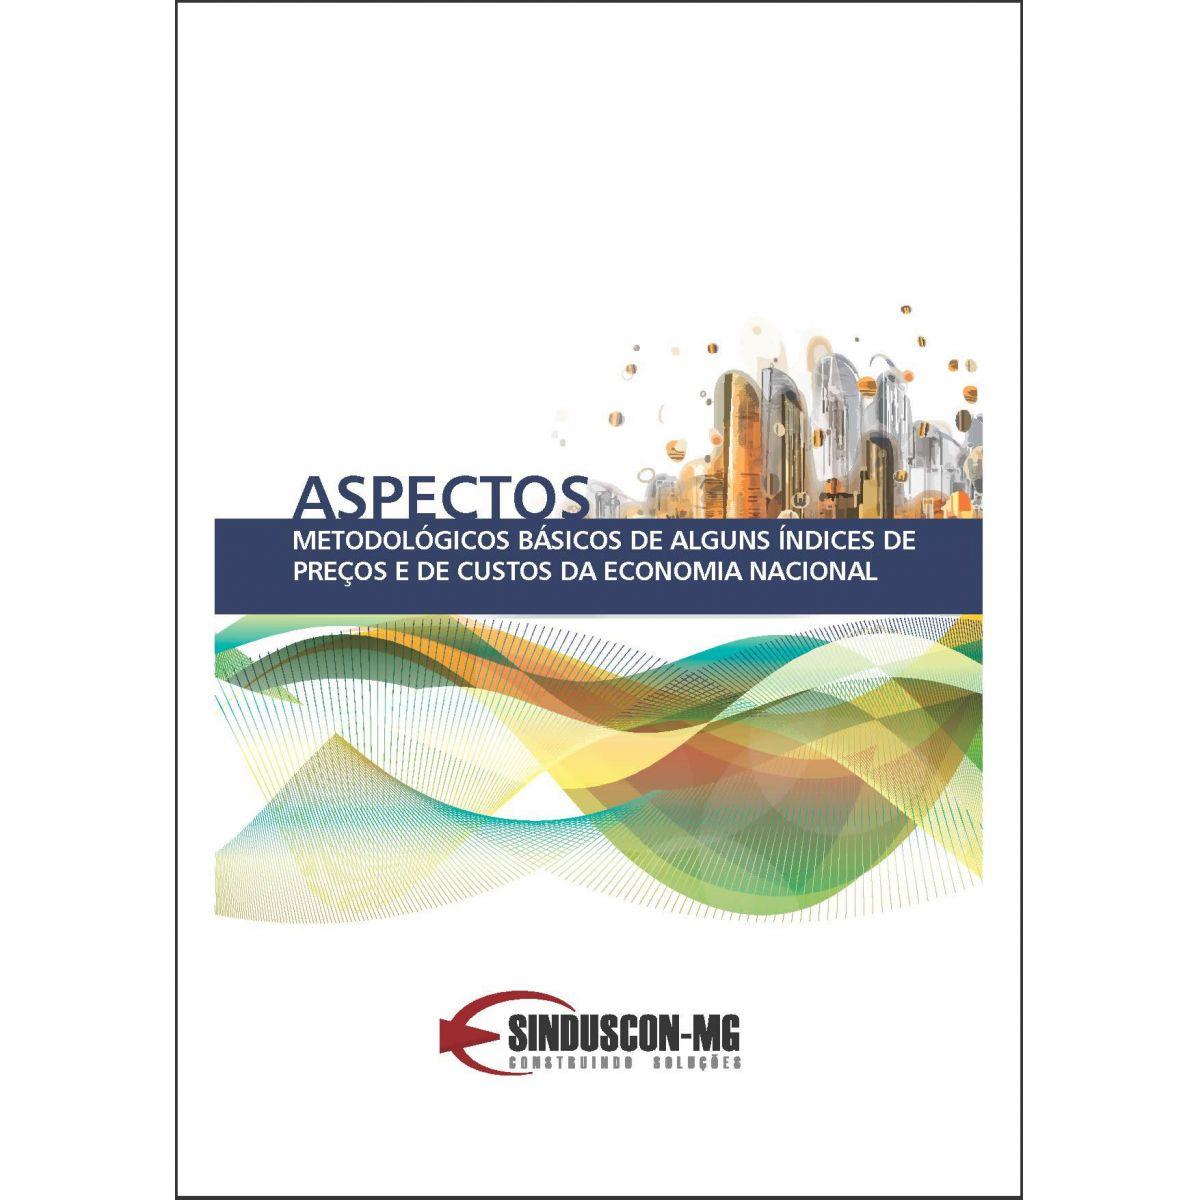 Aspectos Metodológicos Básicos de Alguns Índices de Preços e de Custos da Econ. Nacional